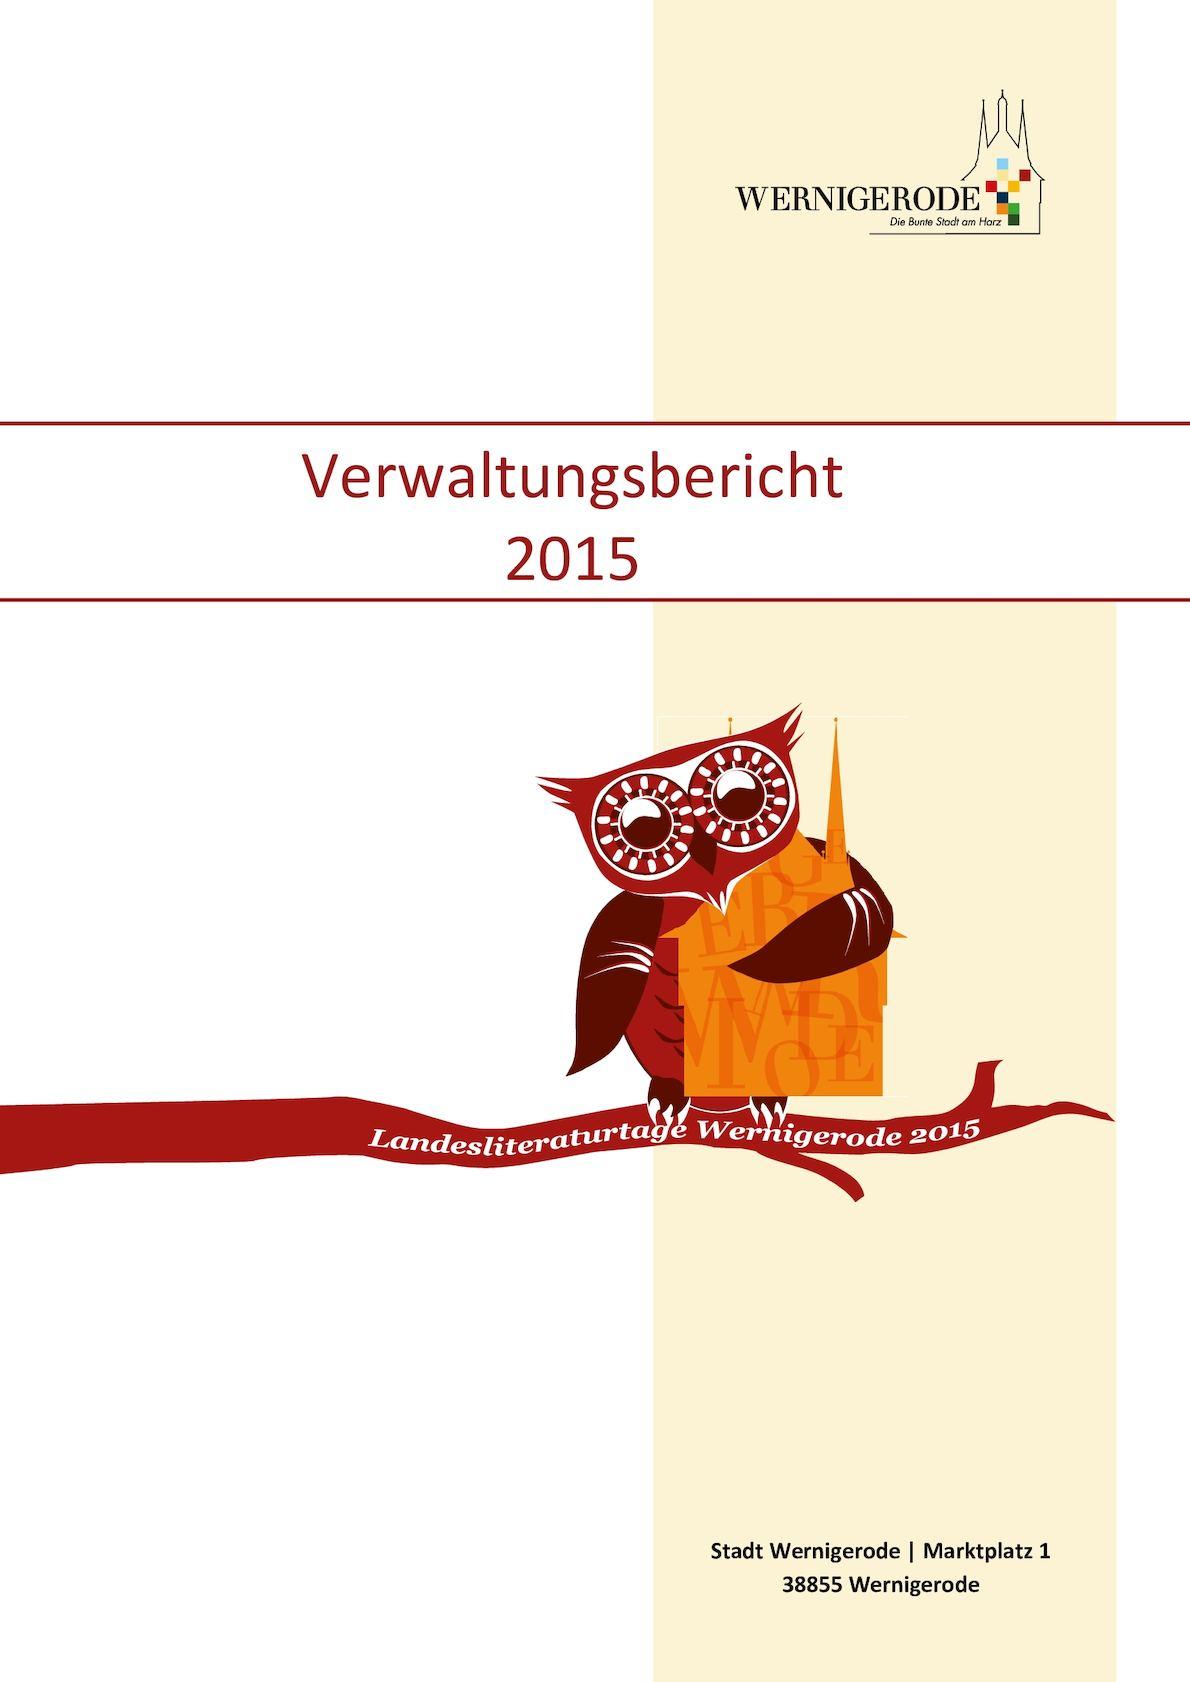 Calaméo - Verwaltungsbericht der Stadt Wernigerode 2015